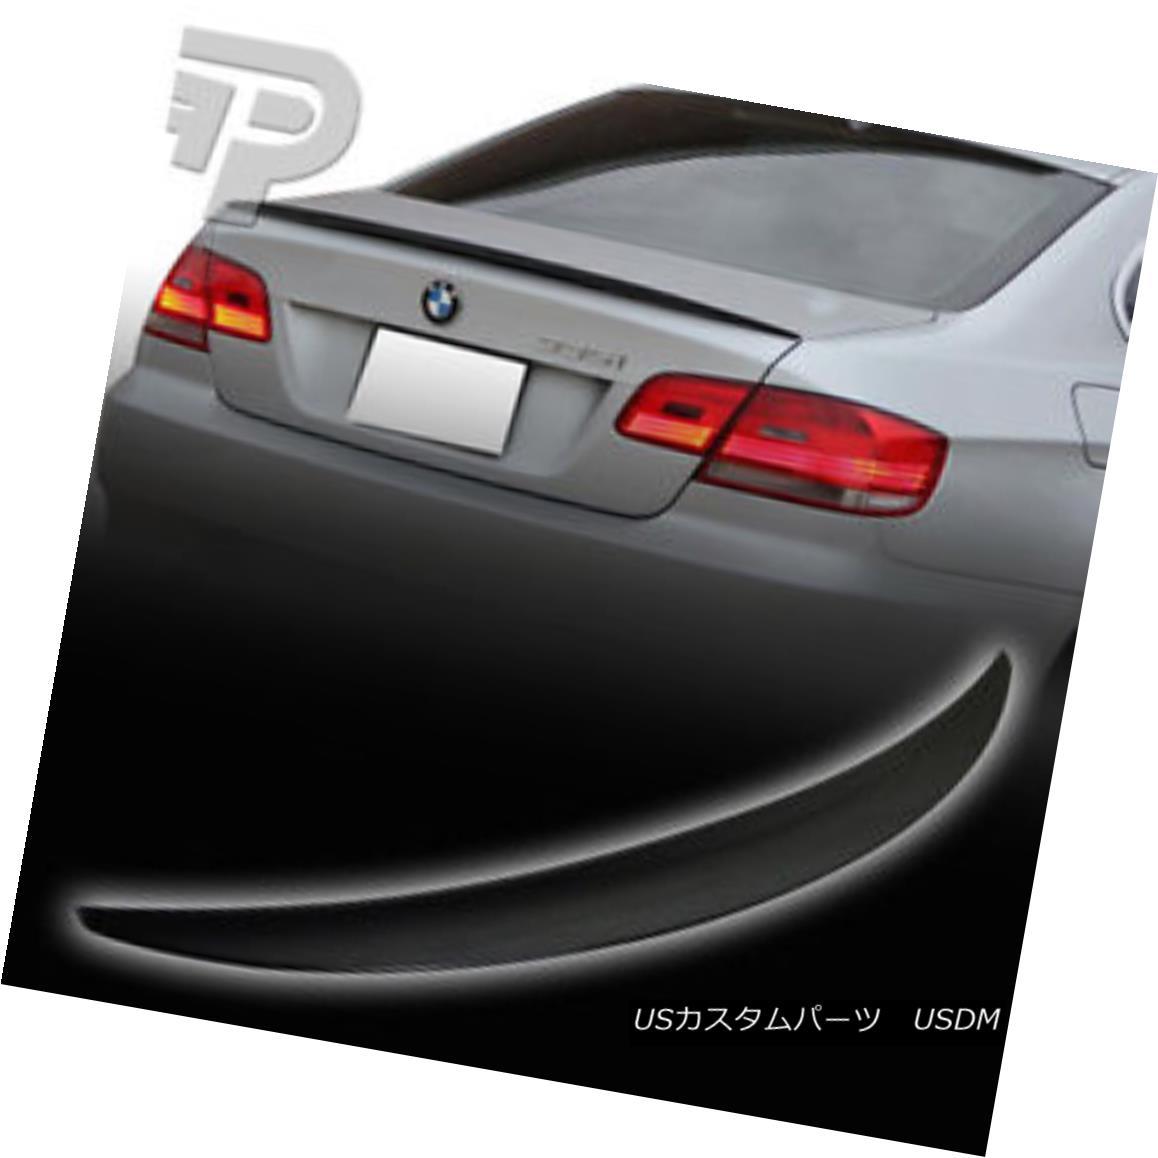 エアロパーツ PAINTED E92 BMW COUPE PERFORMANCE P TYPE TRUNK REAR SPOILER 475 BLACK ▼ ペイントされたE92 BMWクーペのパフォーマンスPタイプトランクリアスポイラー475ブラック?